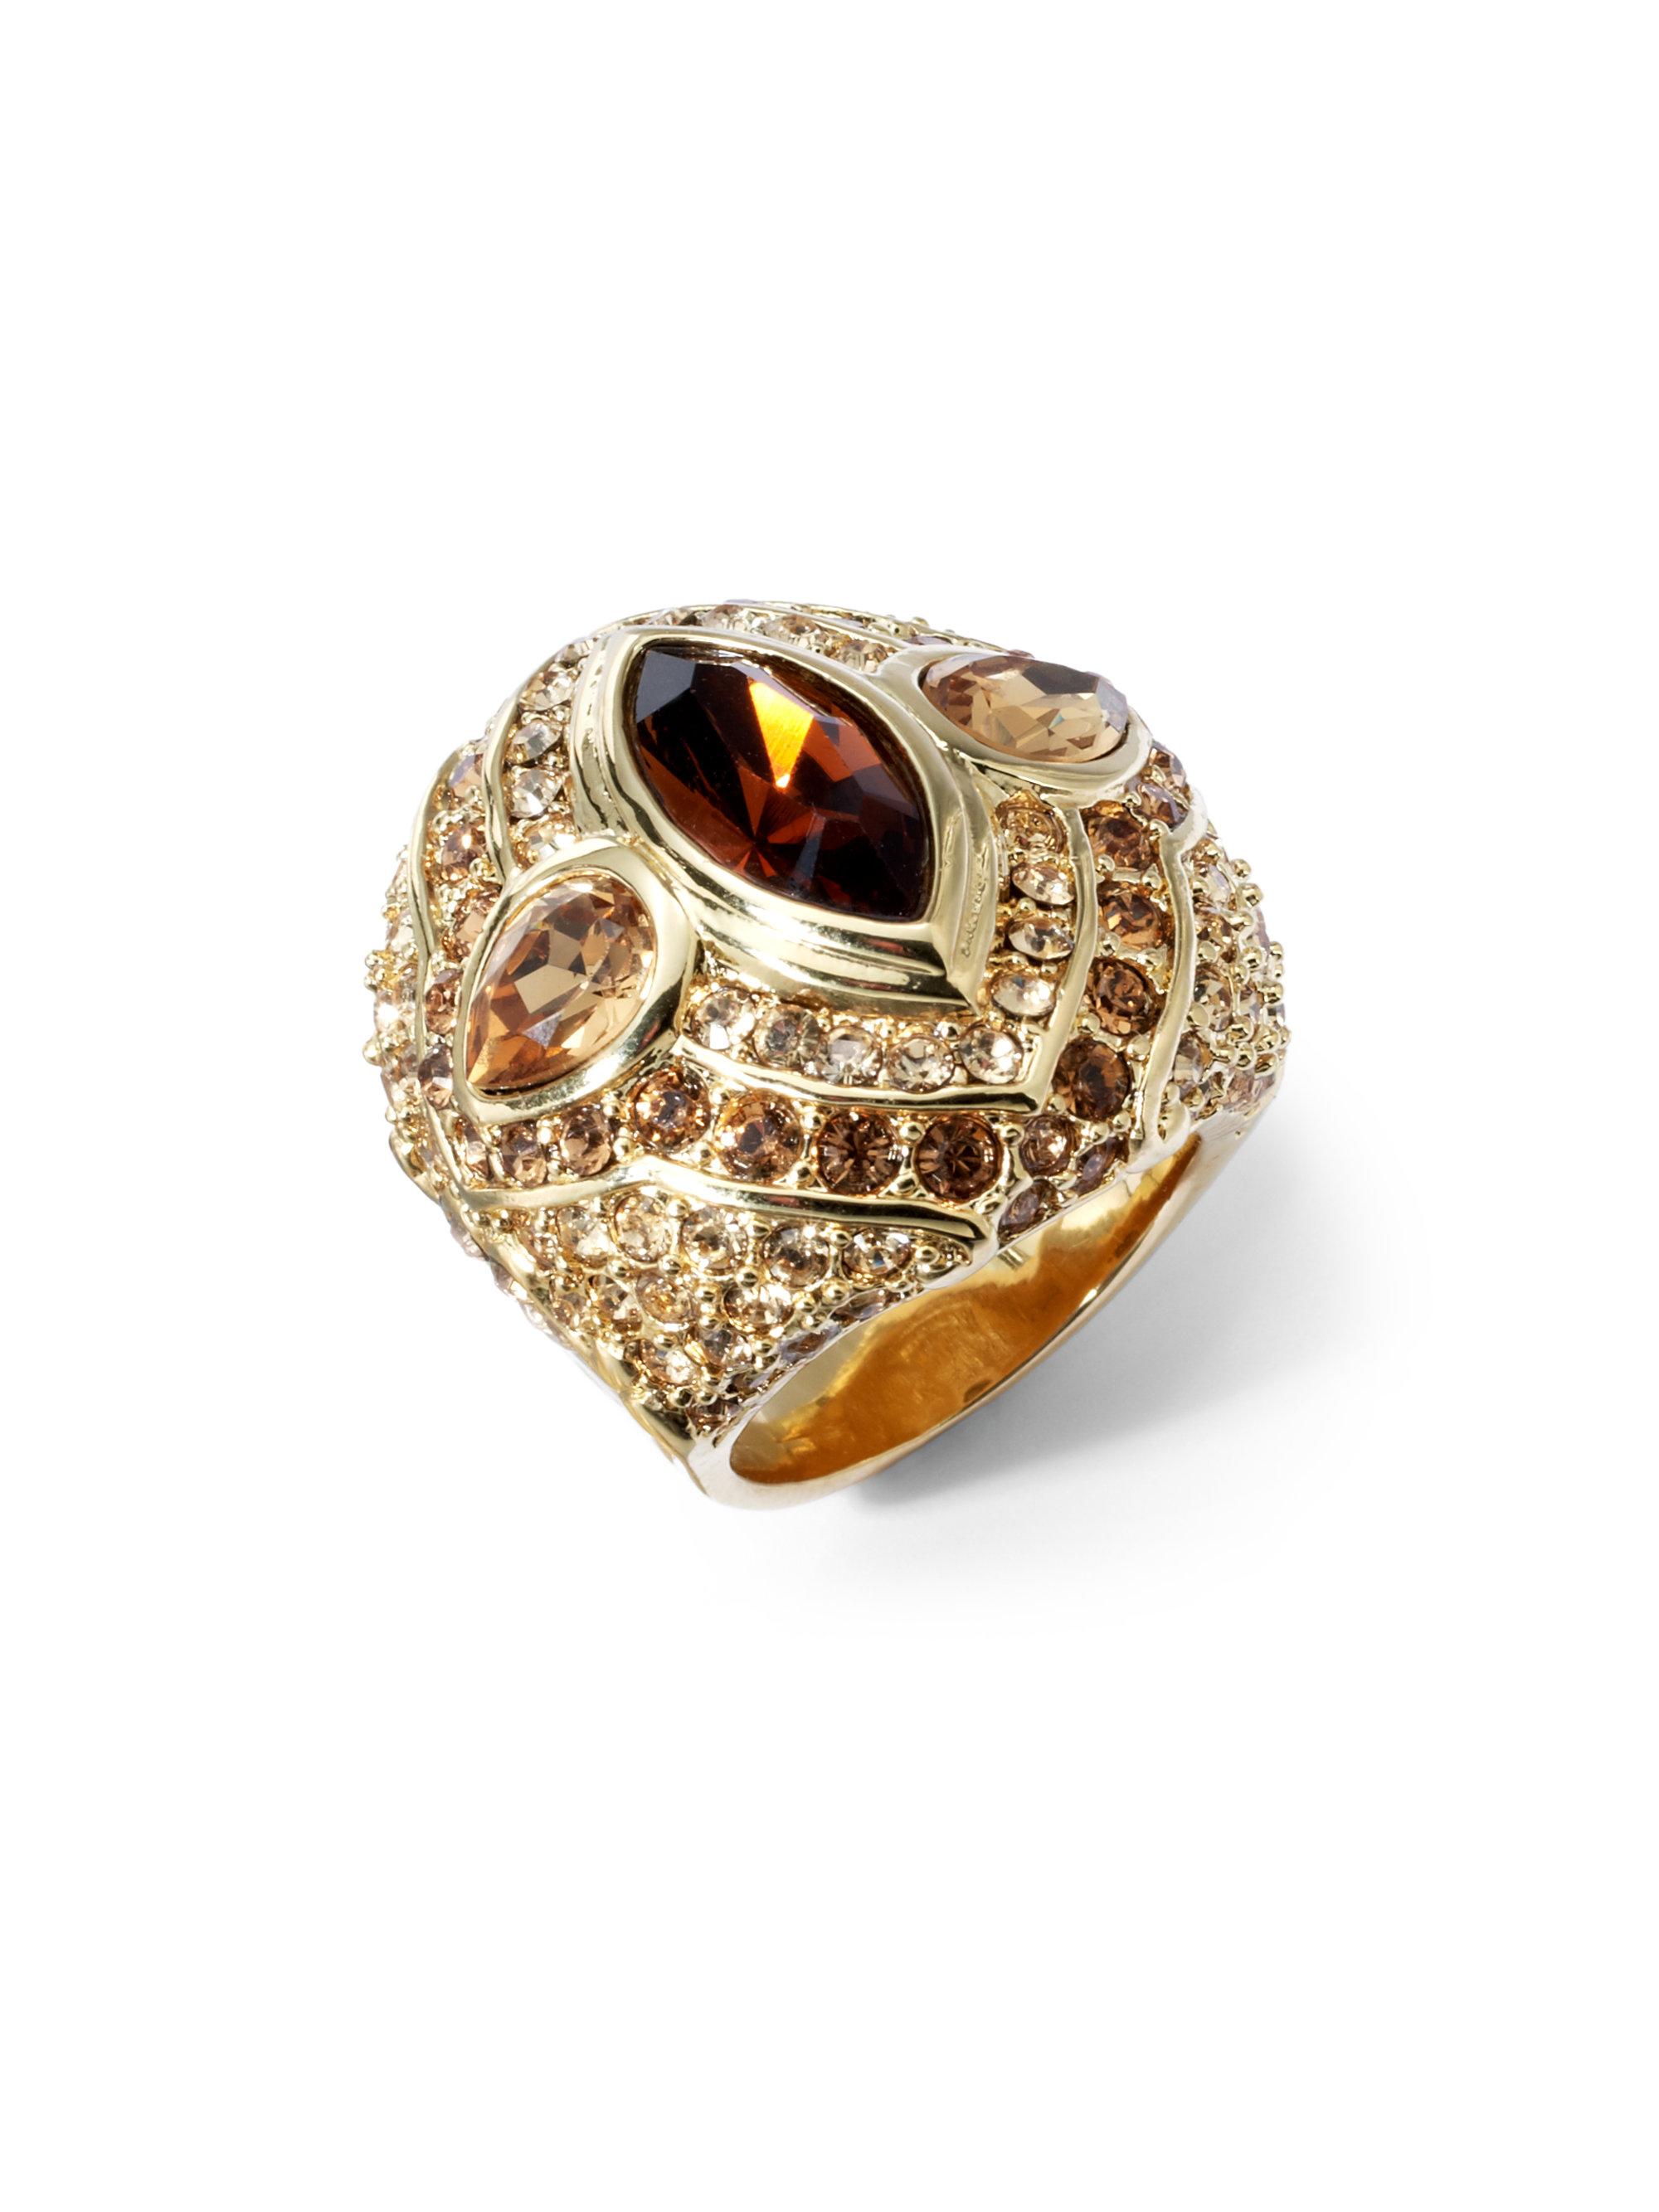 judith leiber swarovski maharishi ring in metallic